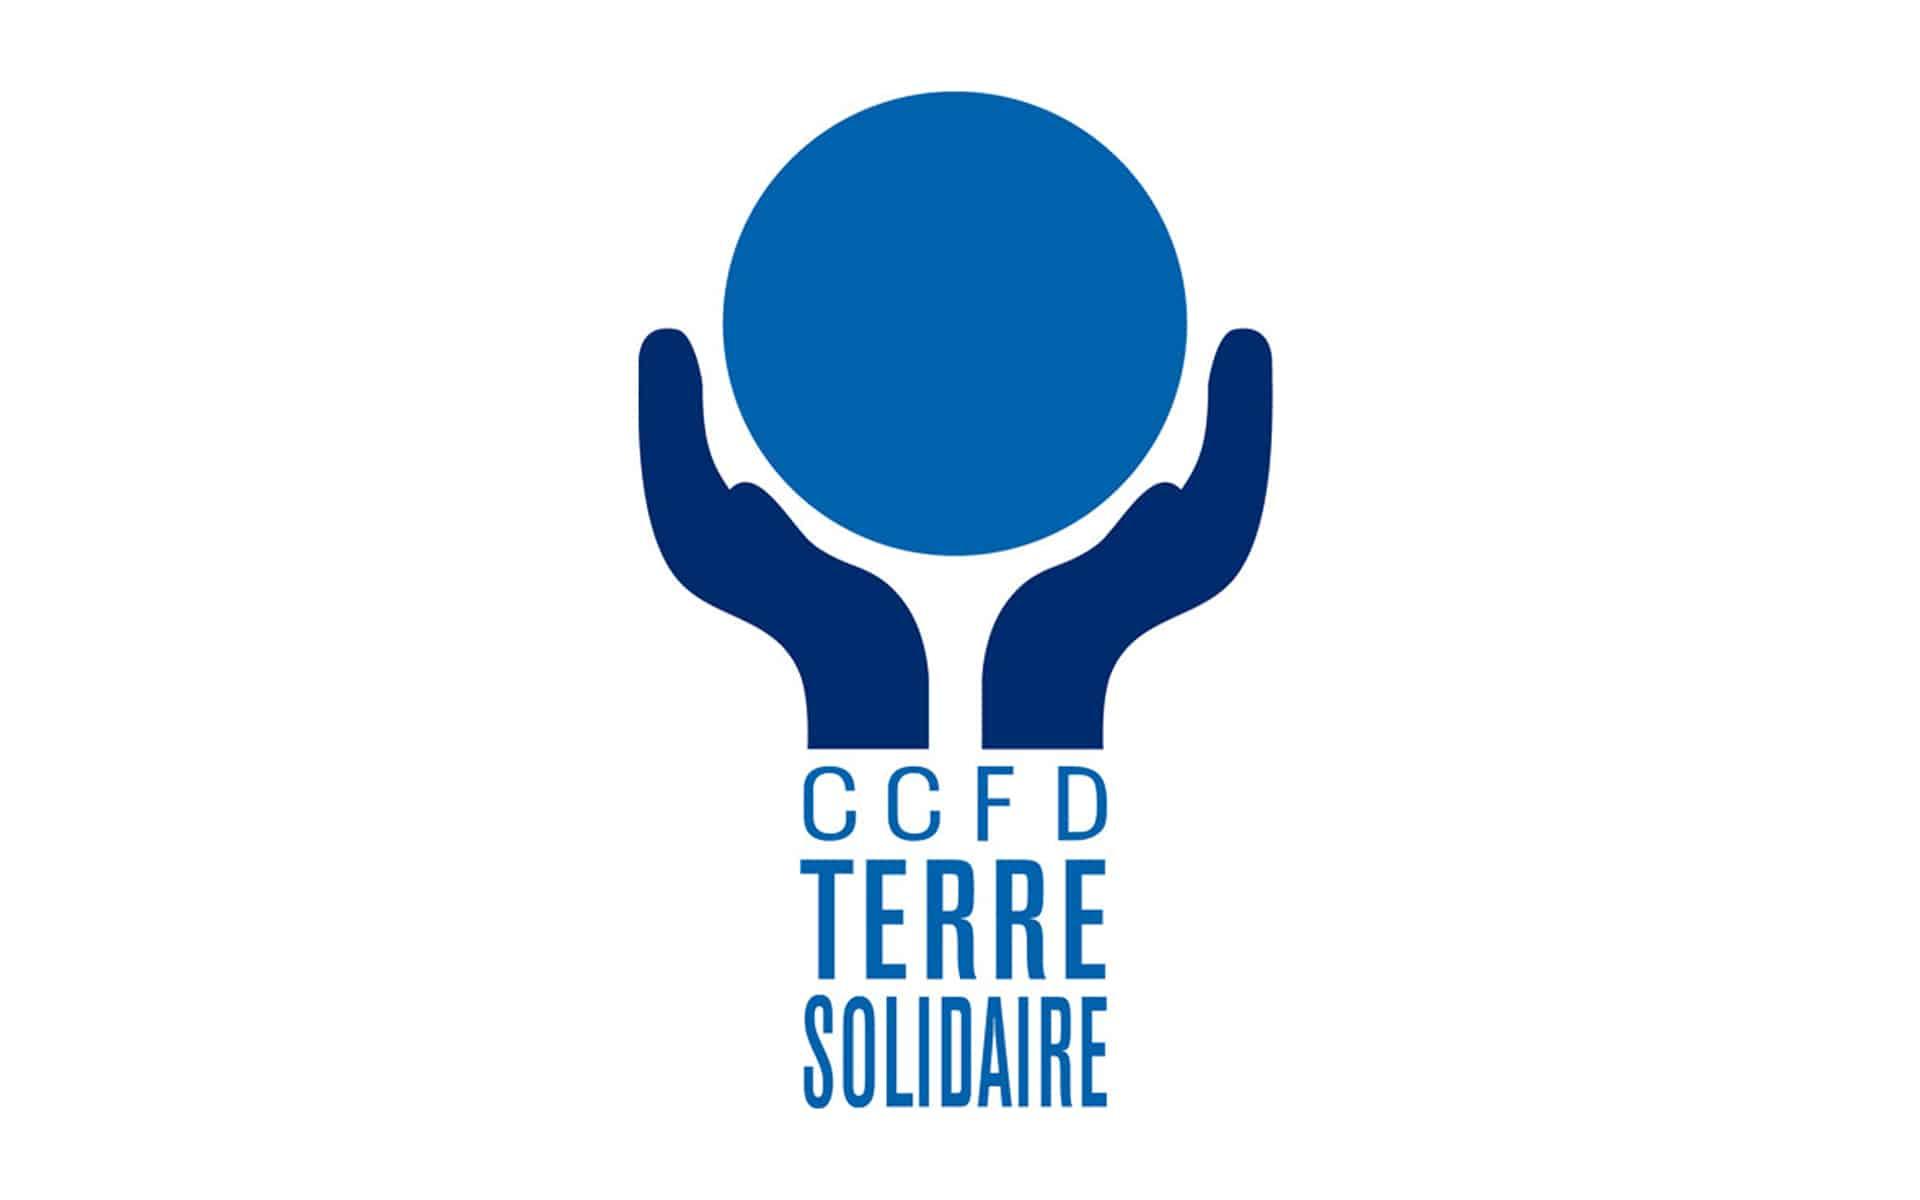 COMITE CATHOLIQUE CONTRE LA FAIM ET POUR LE DEVELOPPEMENT (CCFD – TERRE SOLIDAIRE)(D'OCTOBRE A MAI)